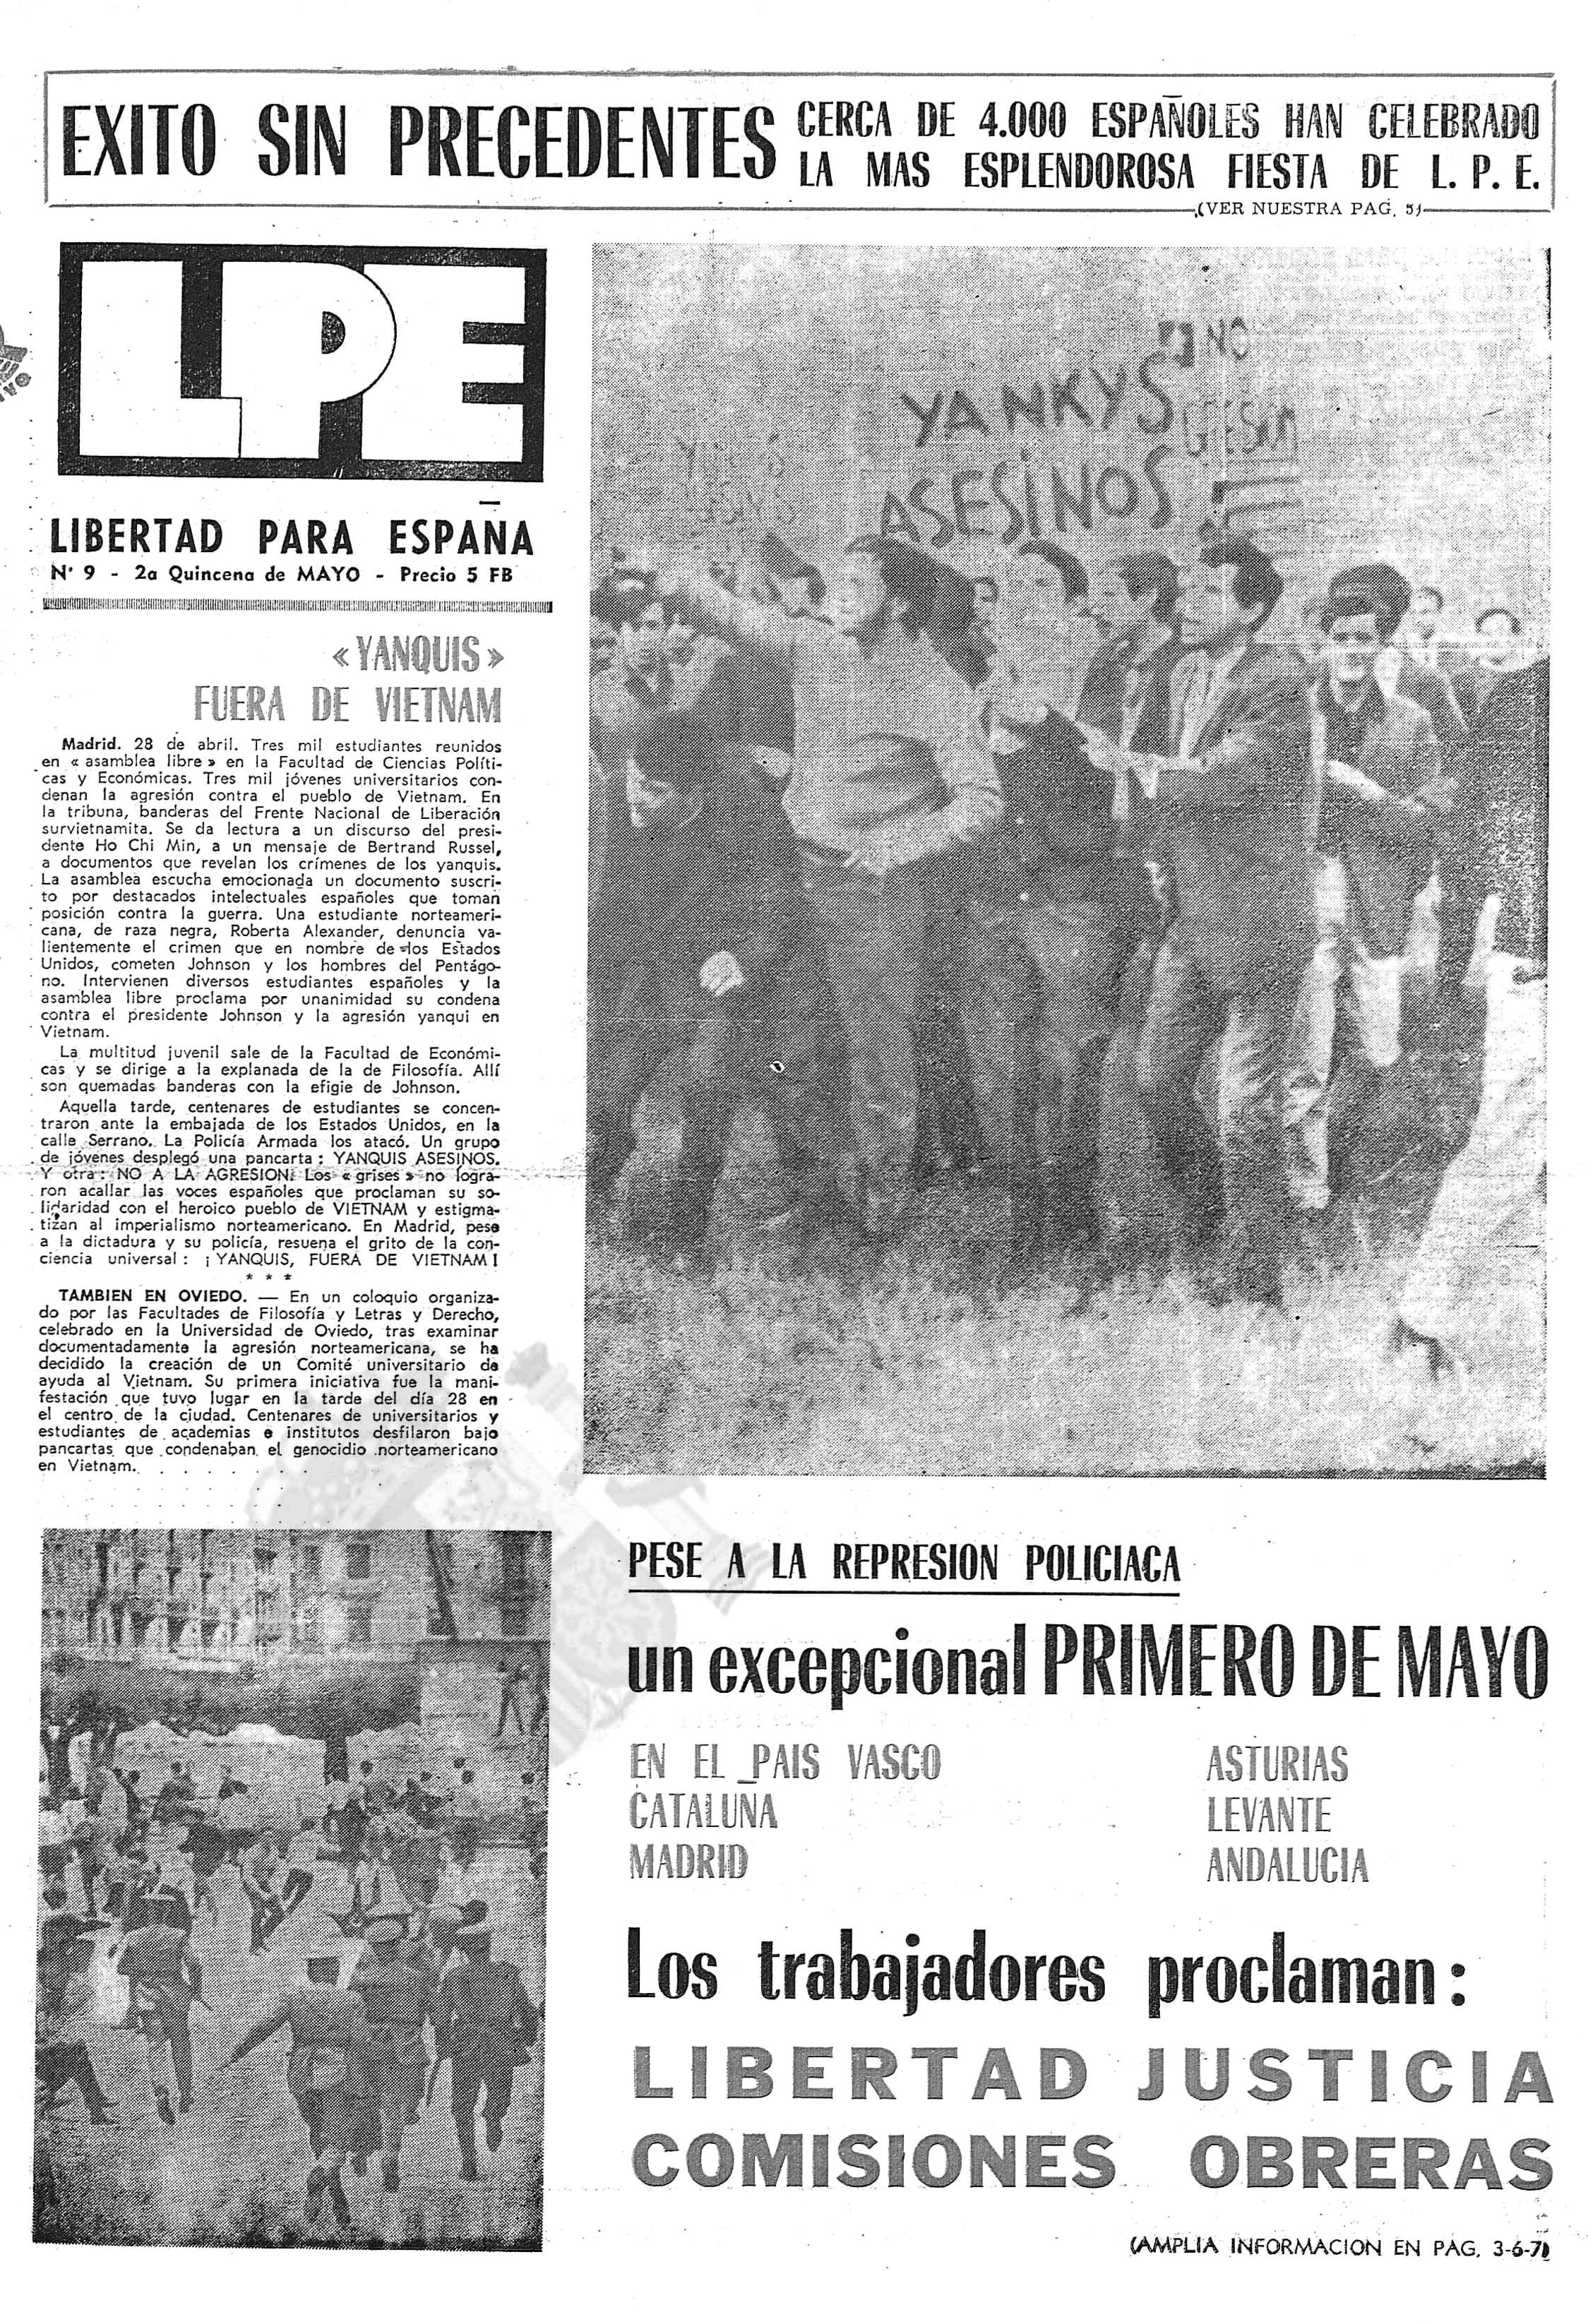 Las protestas en la prensa comunista española en el exilio. Arriba, los estudiantes (algunos con el rostro cubierto) se manifiestan. Abajo, cargas de los agentes disolviendo la marcha ( LPE , 15 de mayo de 1967)